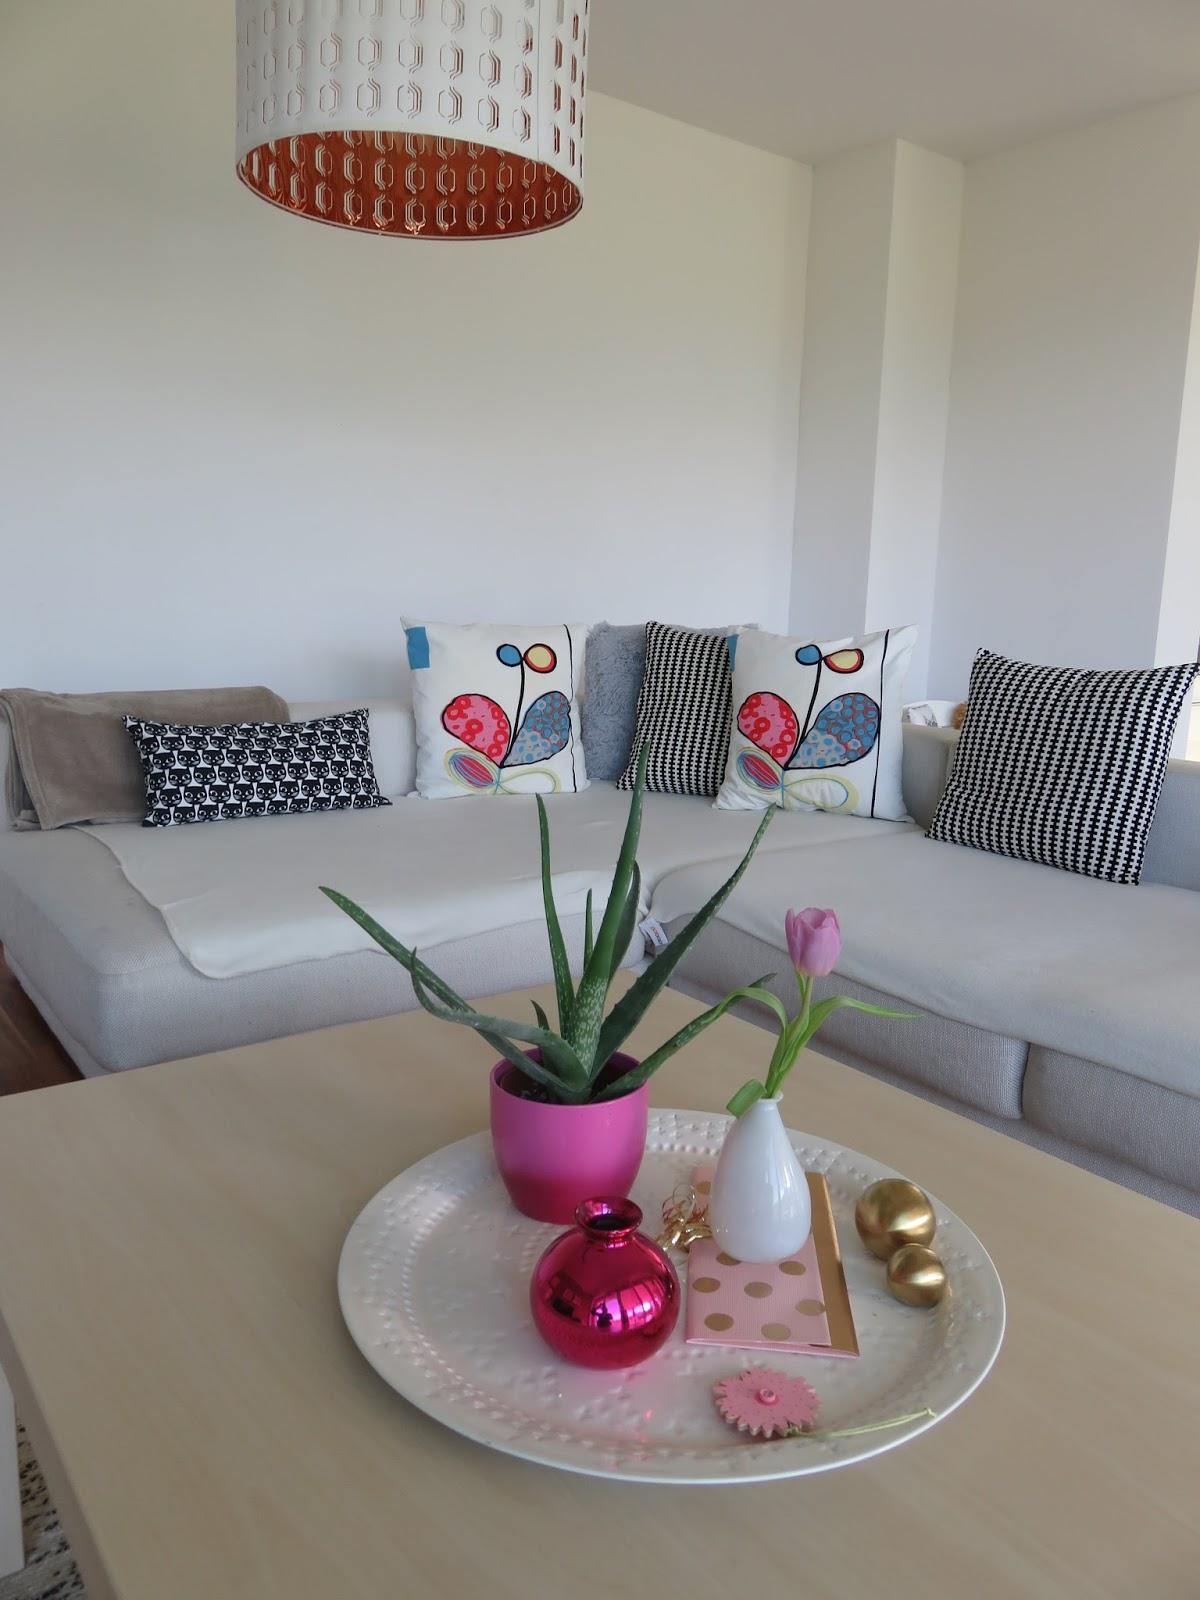 tina leben willkommen. Black Bedroom Furniture Sets. Home Design Ideas